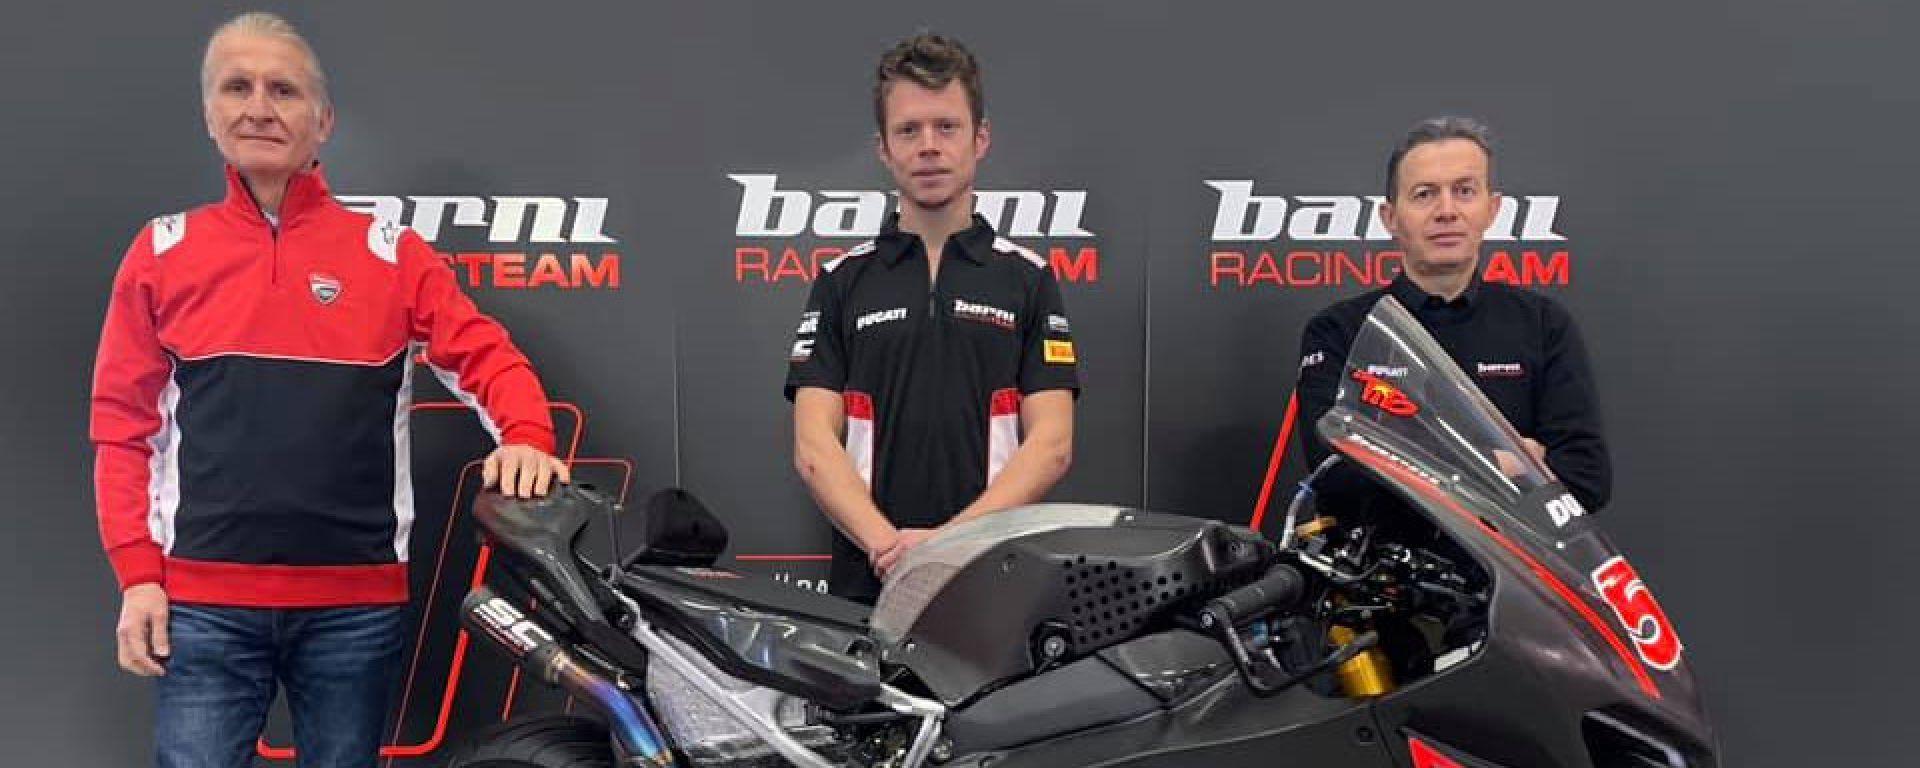 La presentazione di Tito Rabat come pilota Barni Racing Team WSBK 2021